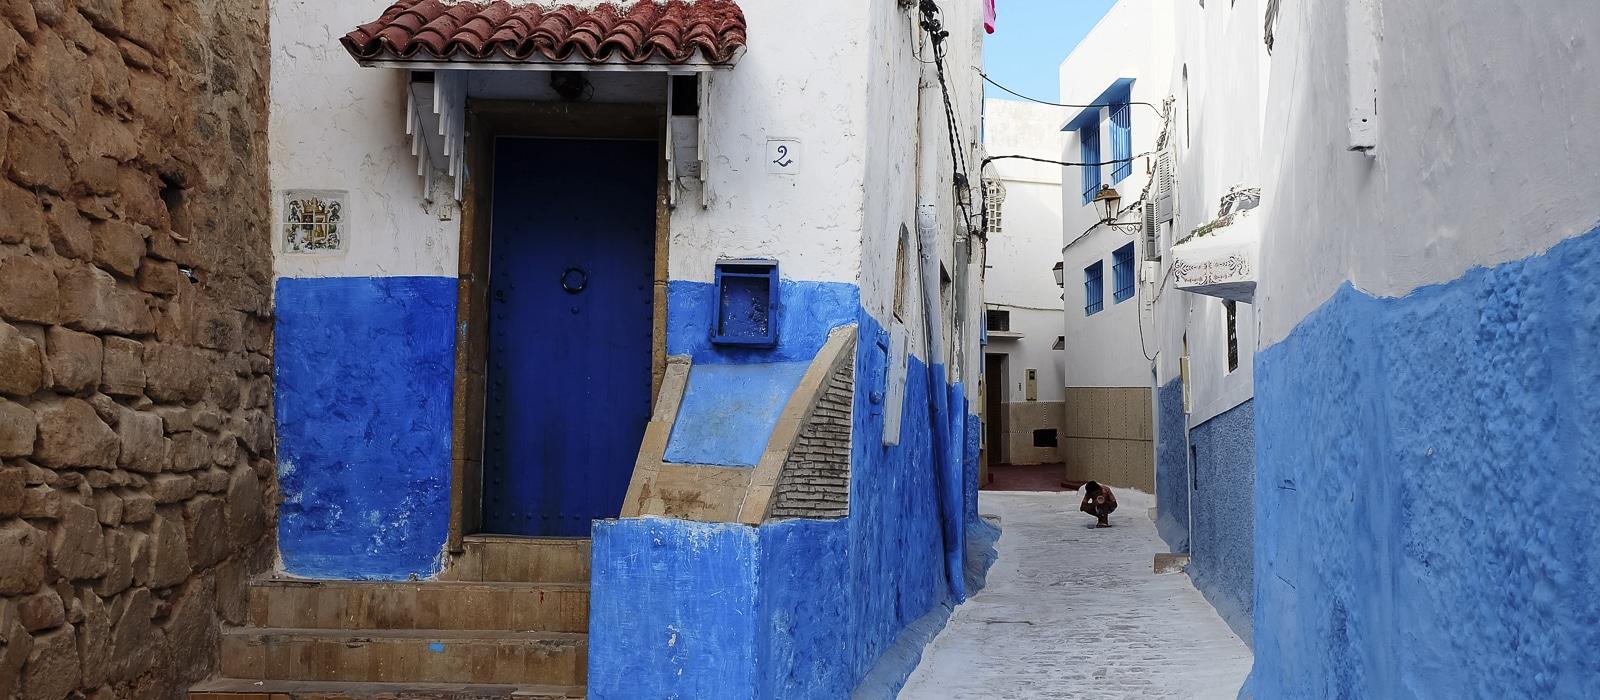 img-diapo-entete - Maroc-1600x700-14.jpg